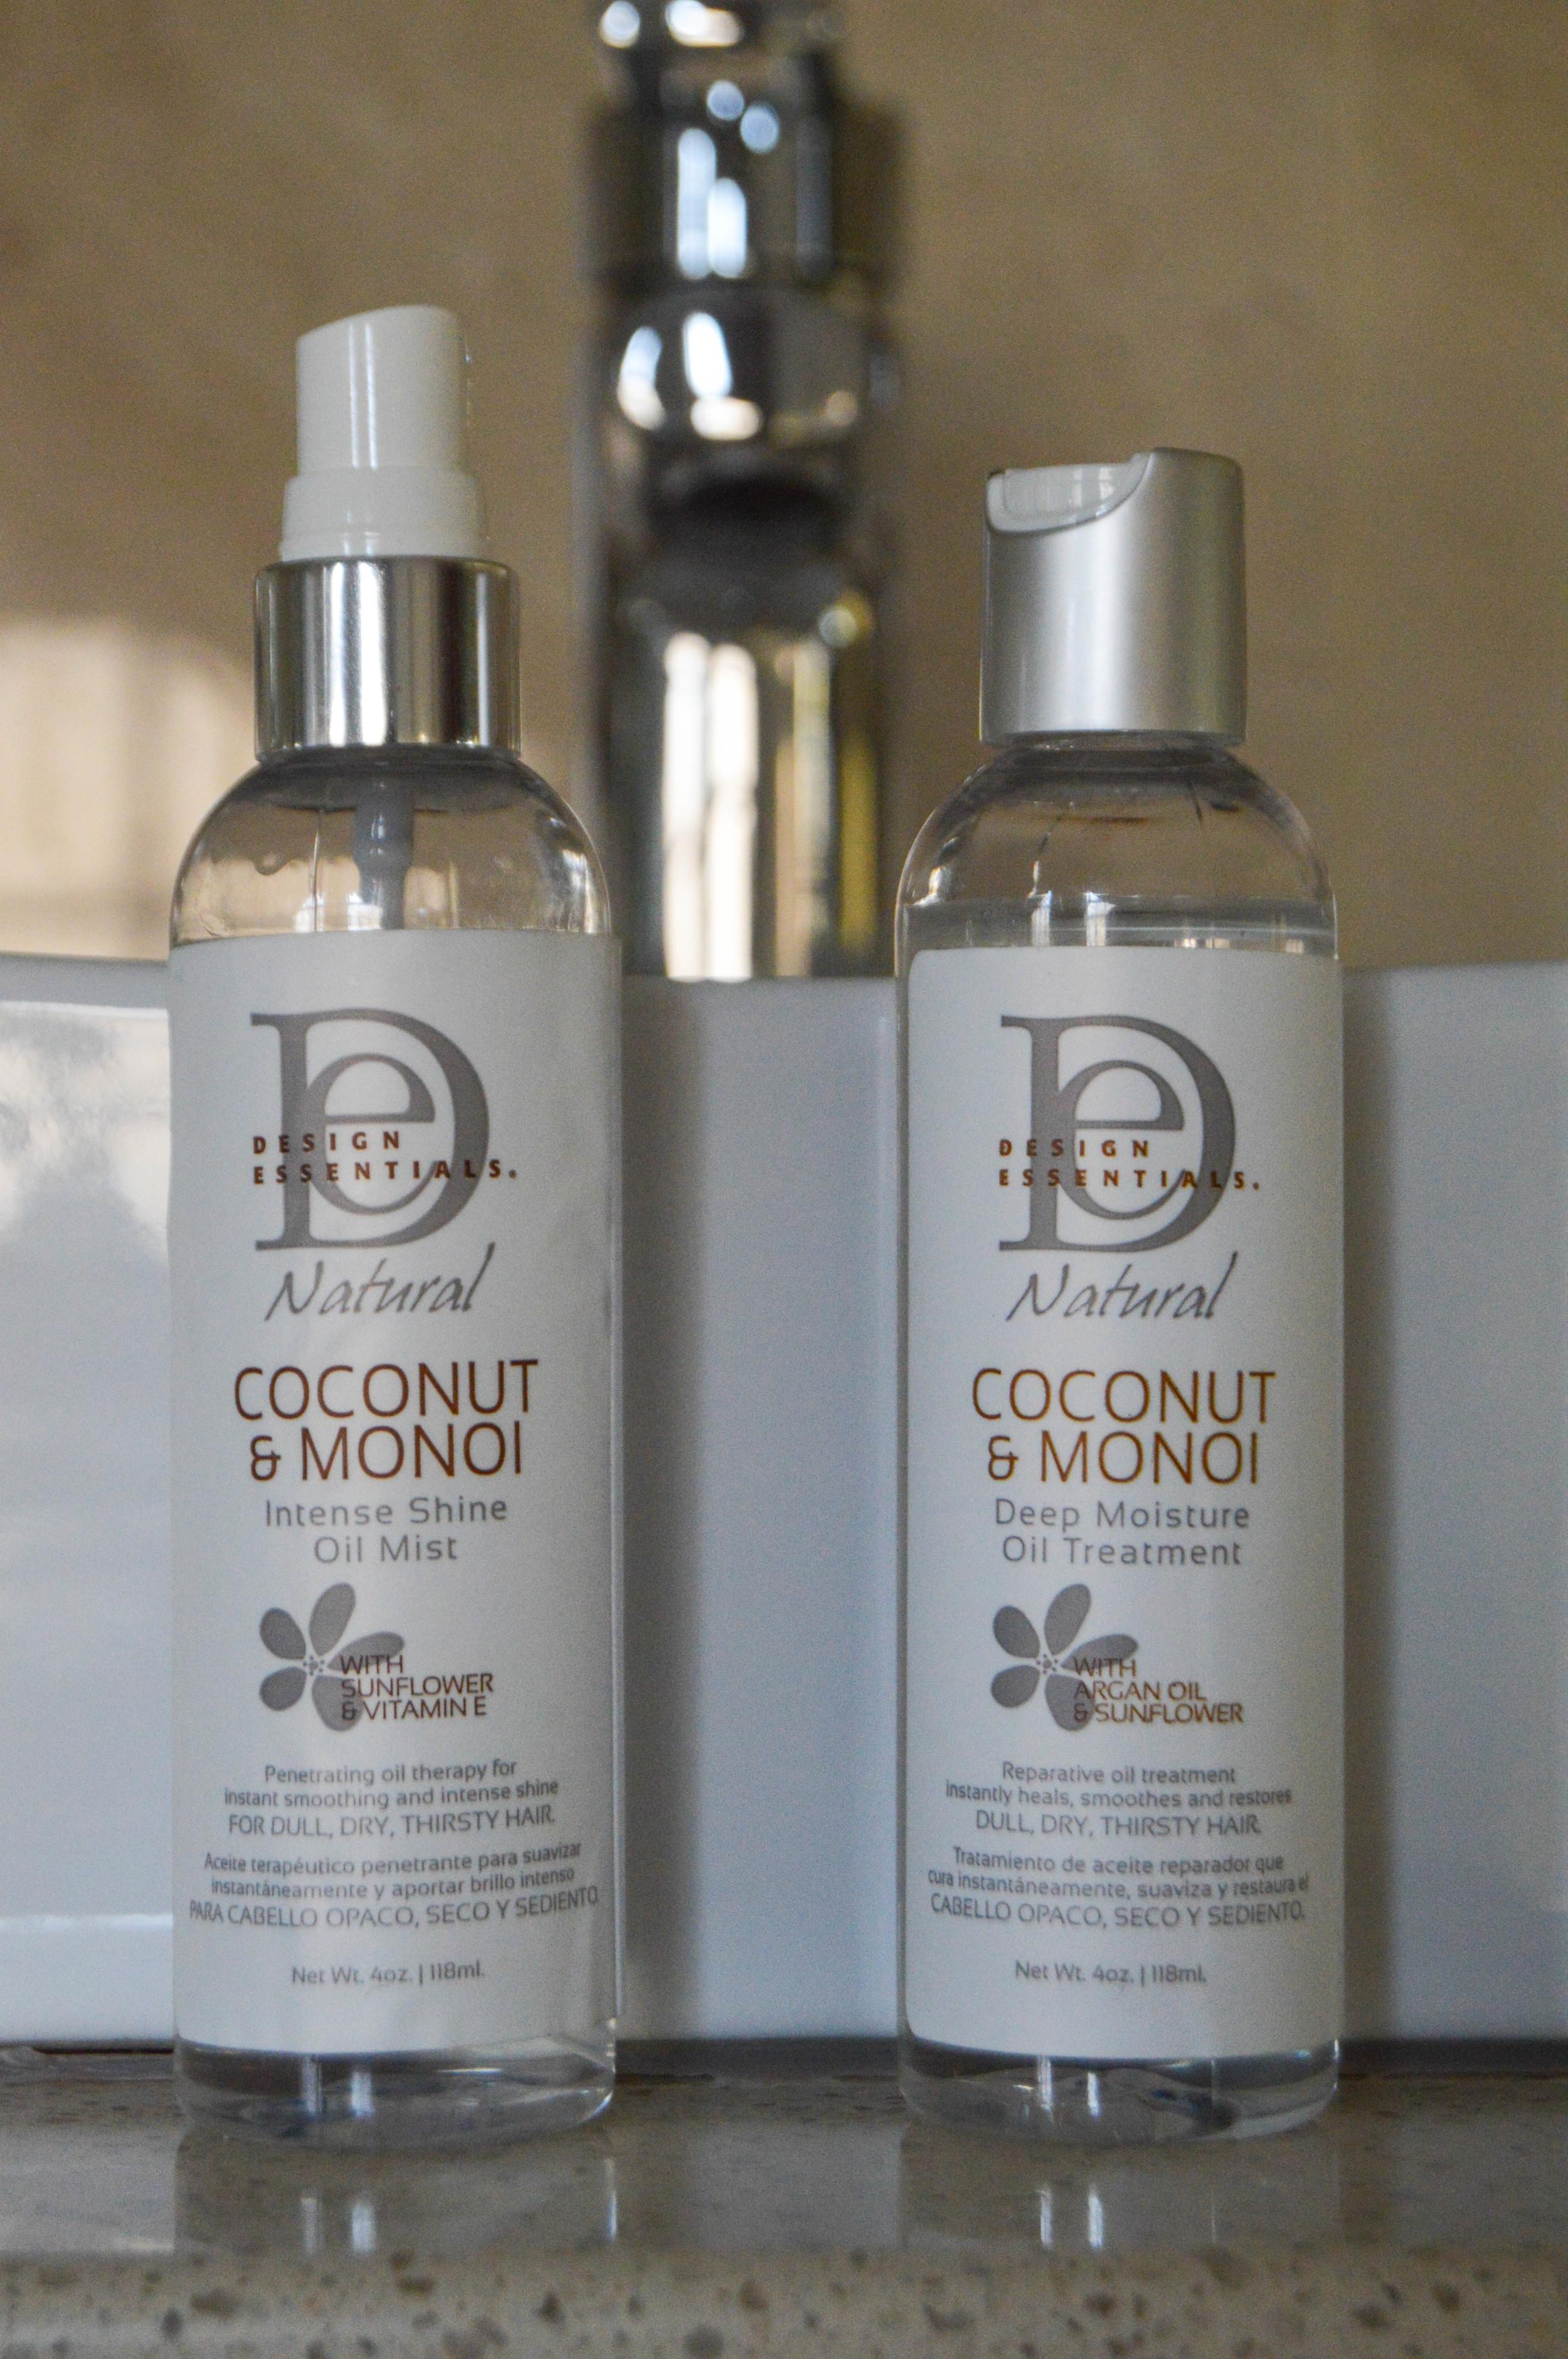 Coconut & Monoi range